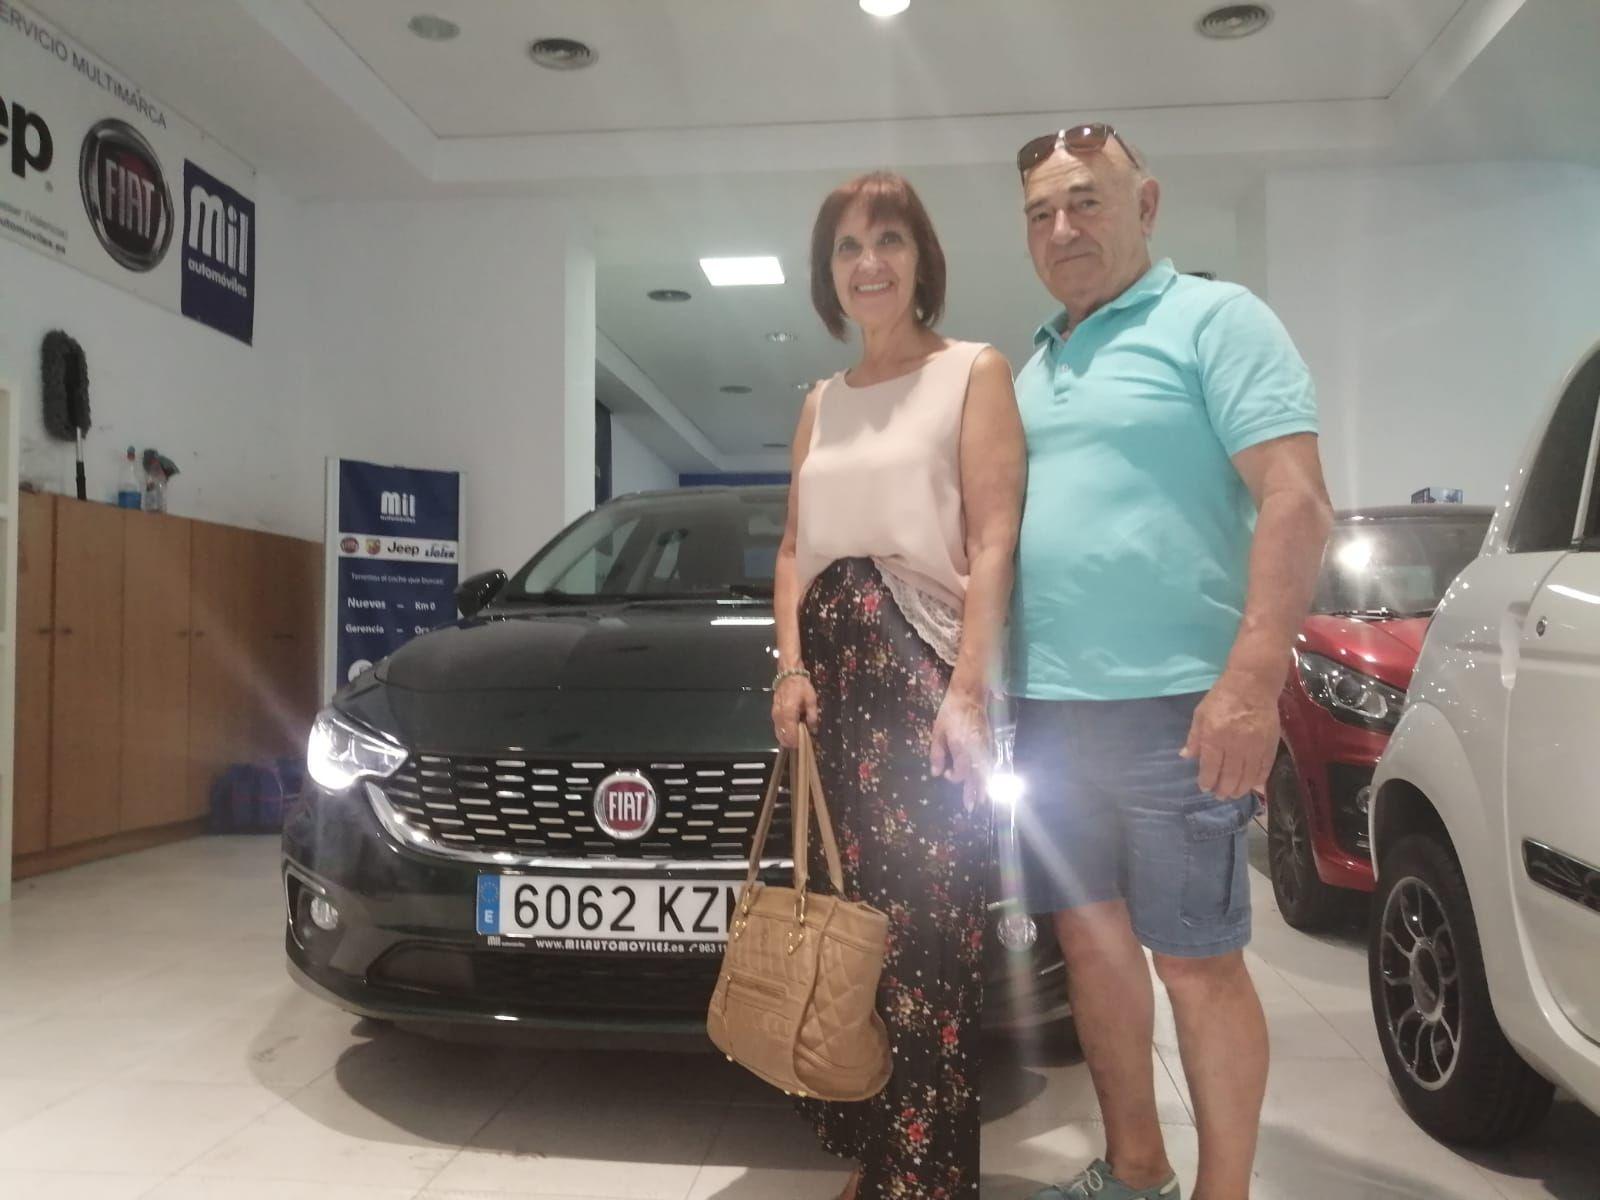 Milautomóviles entrega a Mercedes y Dionisio  un Fiat tipo